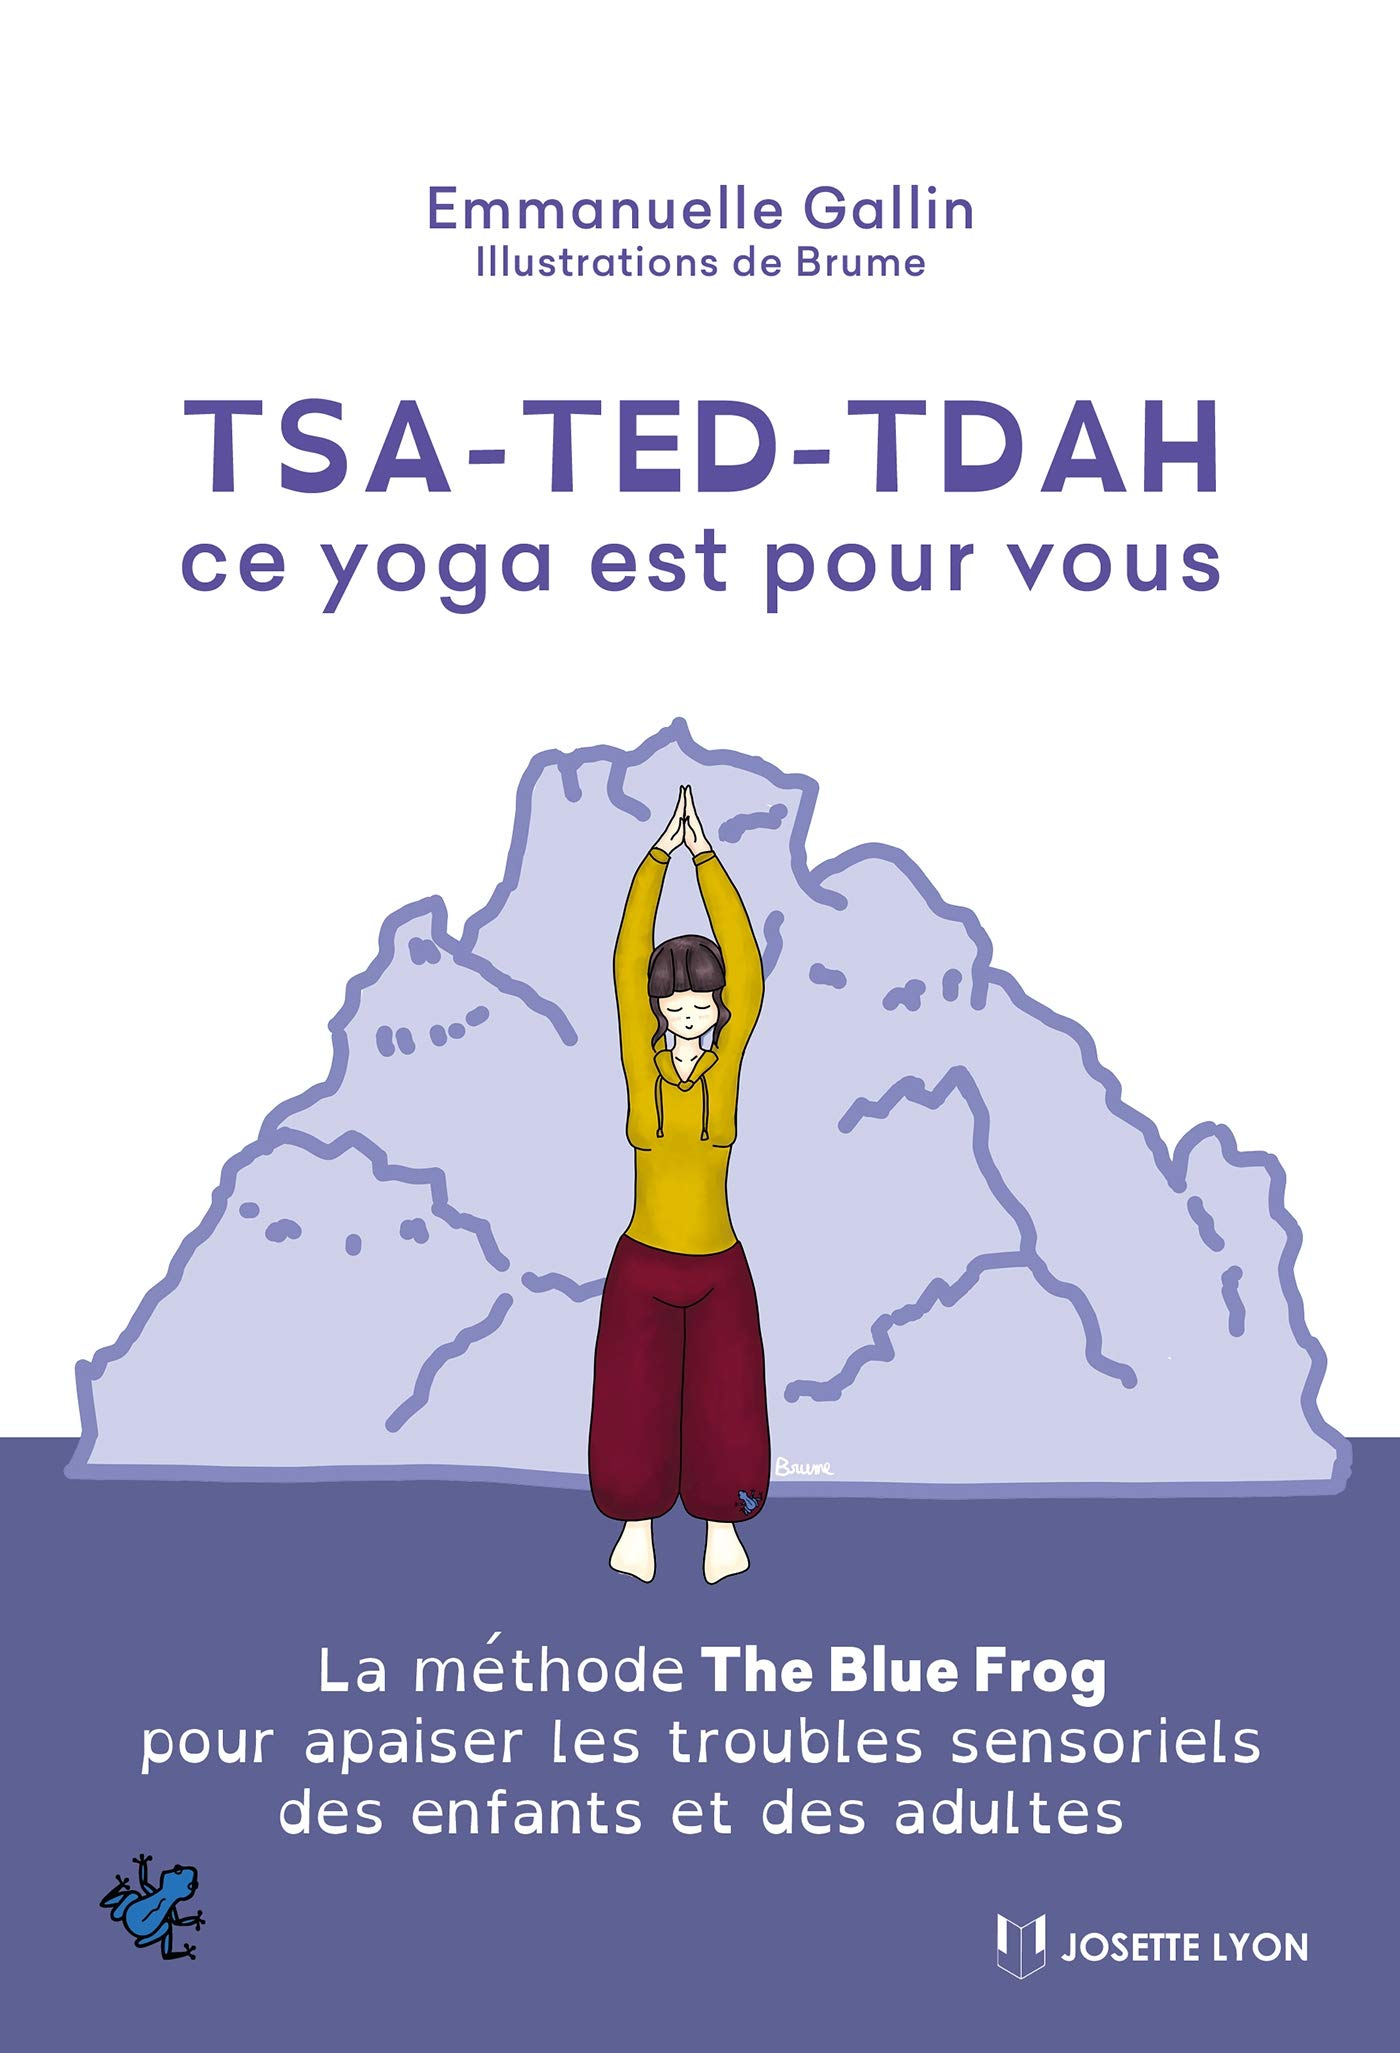 TSA-TED-TDAH ce yoga est pour vous : La méthode The Blue Frog pour apaiser les troubles sensoriels des enfants et des adultes